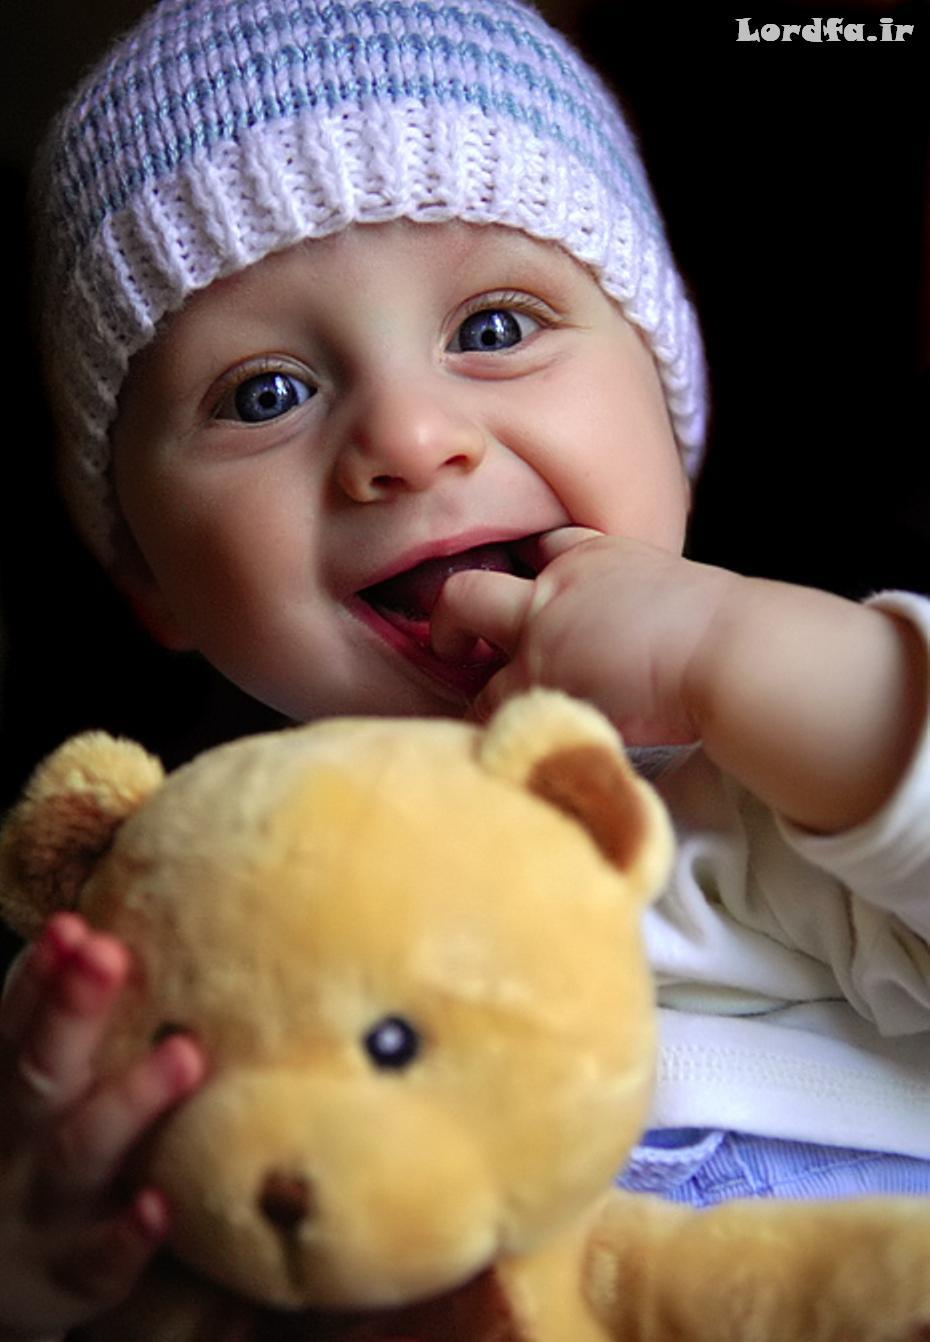 عکس بچه کوچولو خوشگل